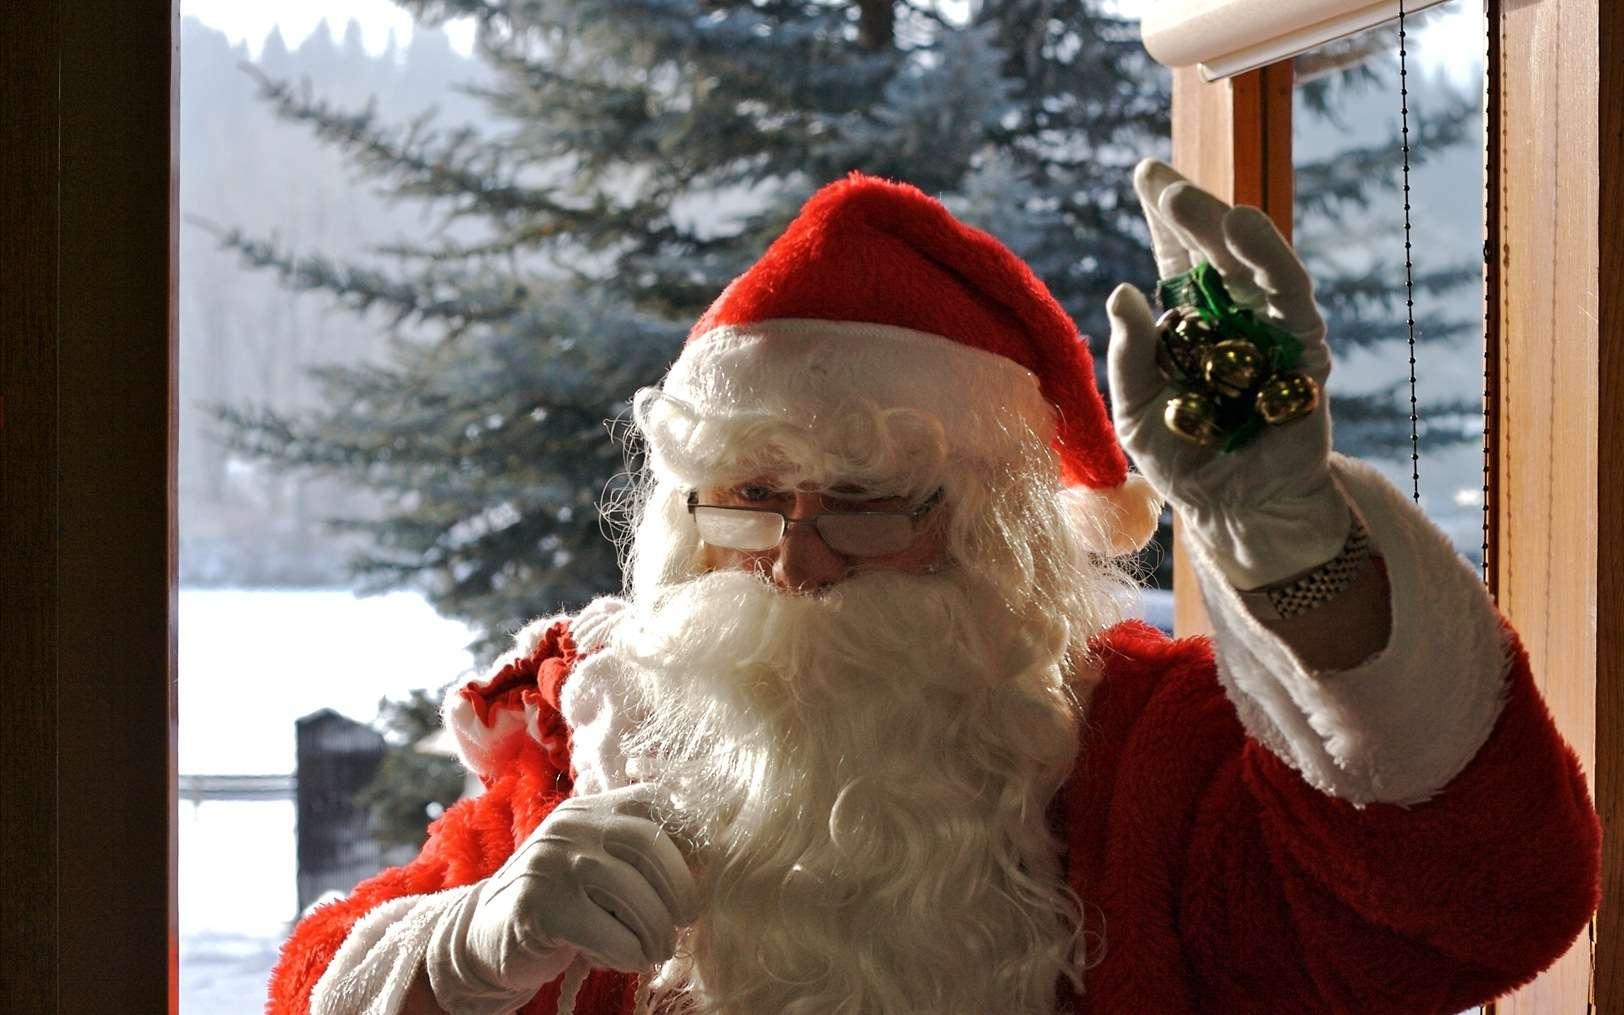 Et si le père Noël sortait toute l'année maintenant ? Avec sa grande barbe, il ne craint pas les rayons du soleil. Tant mieux, puisqu'en Laponie, où il vit, l'astre du jour n'est presque jamais couché à la belle saison. © D'Arcy Norman, Fotopédia, cc by 2.0